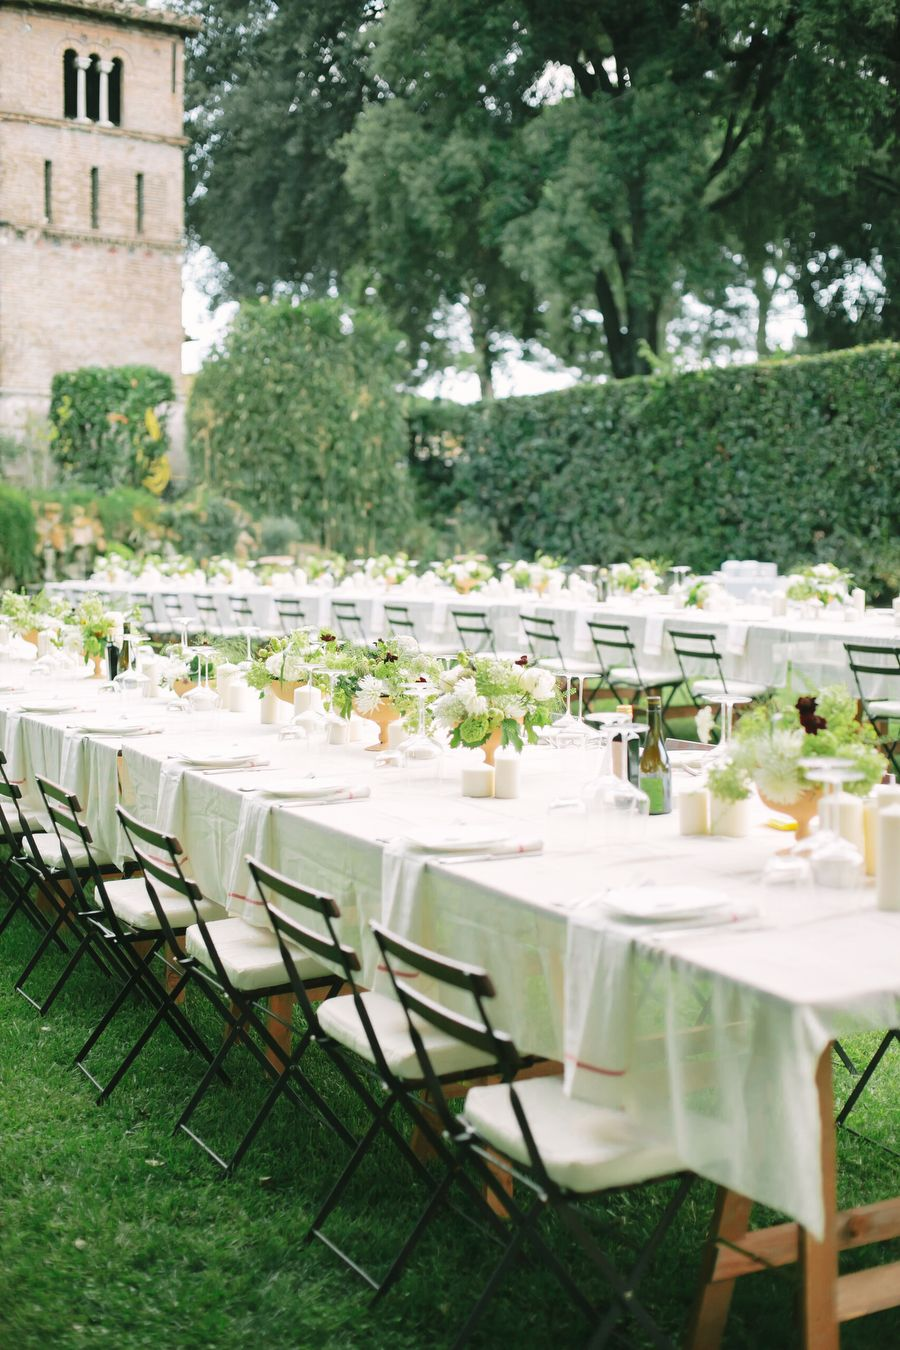 Studio A+Q - Un mariage champetre chic en vert et blanc a Rome -